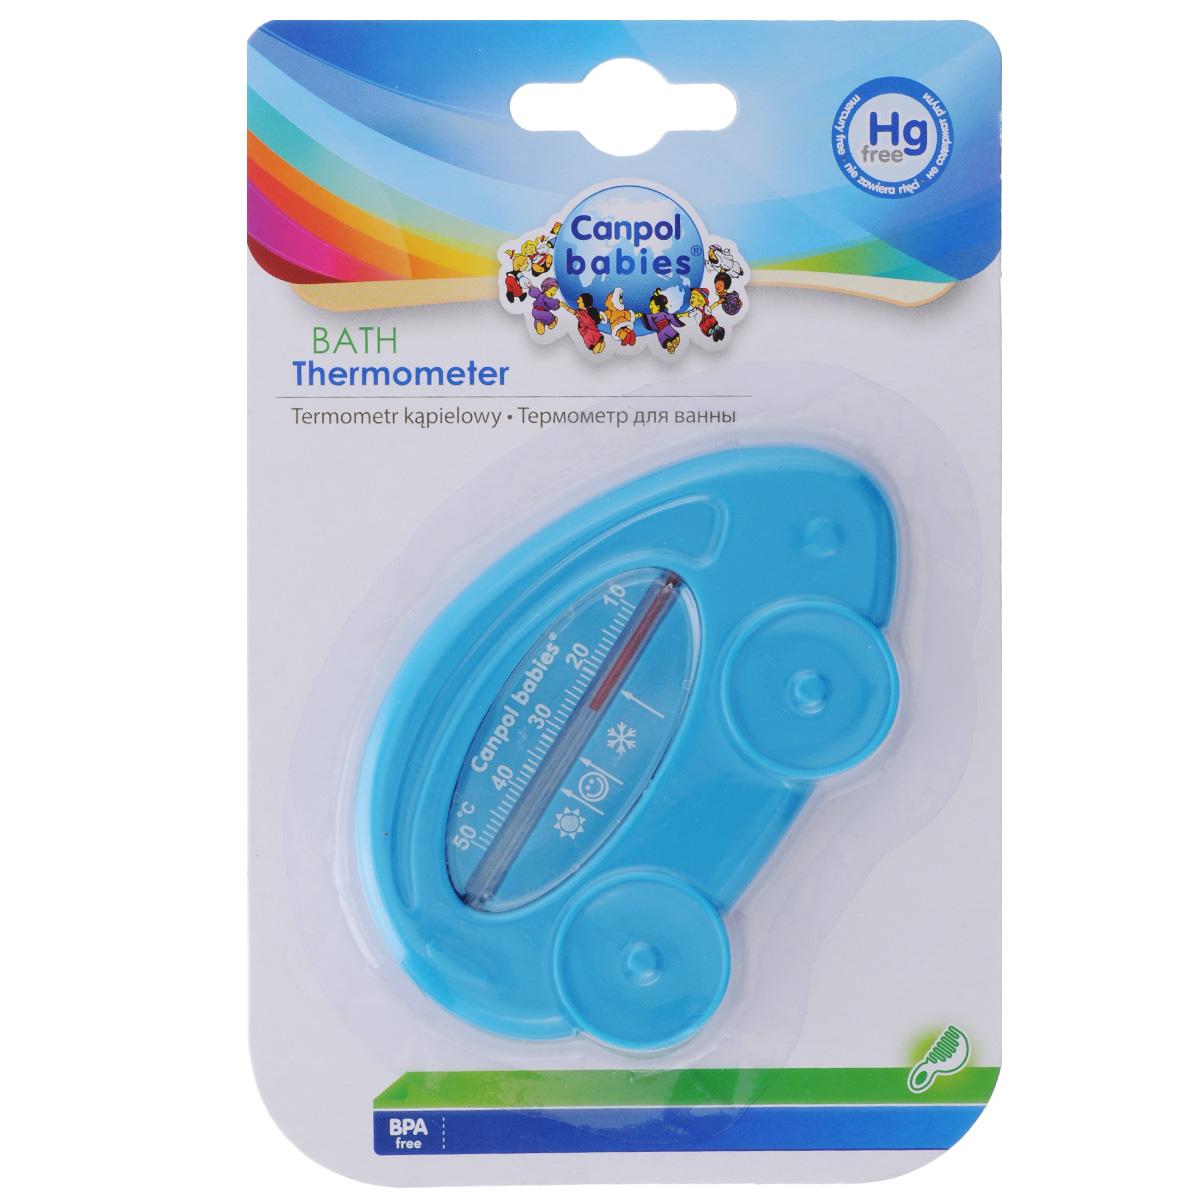 Canpol Babies Термометр для ванны Машина цвет синий